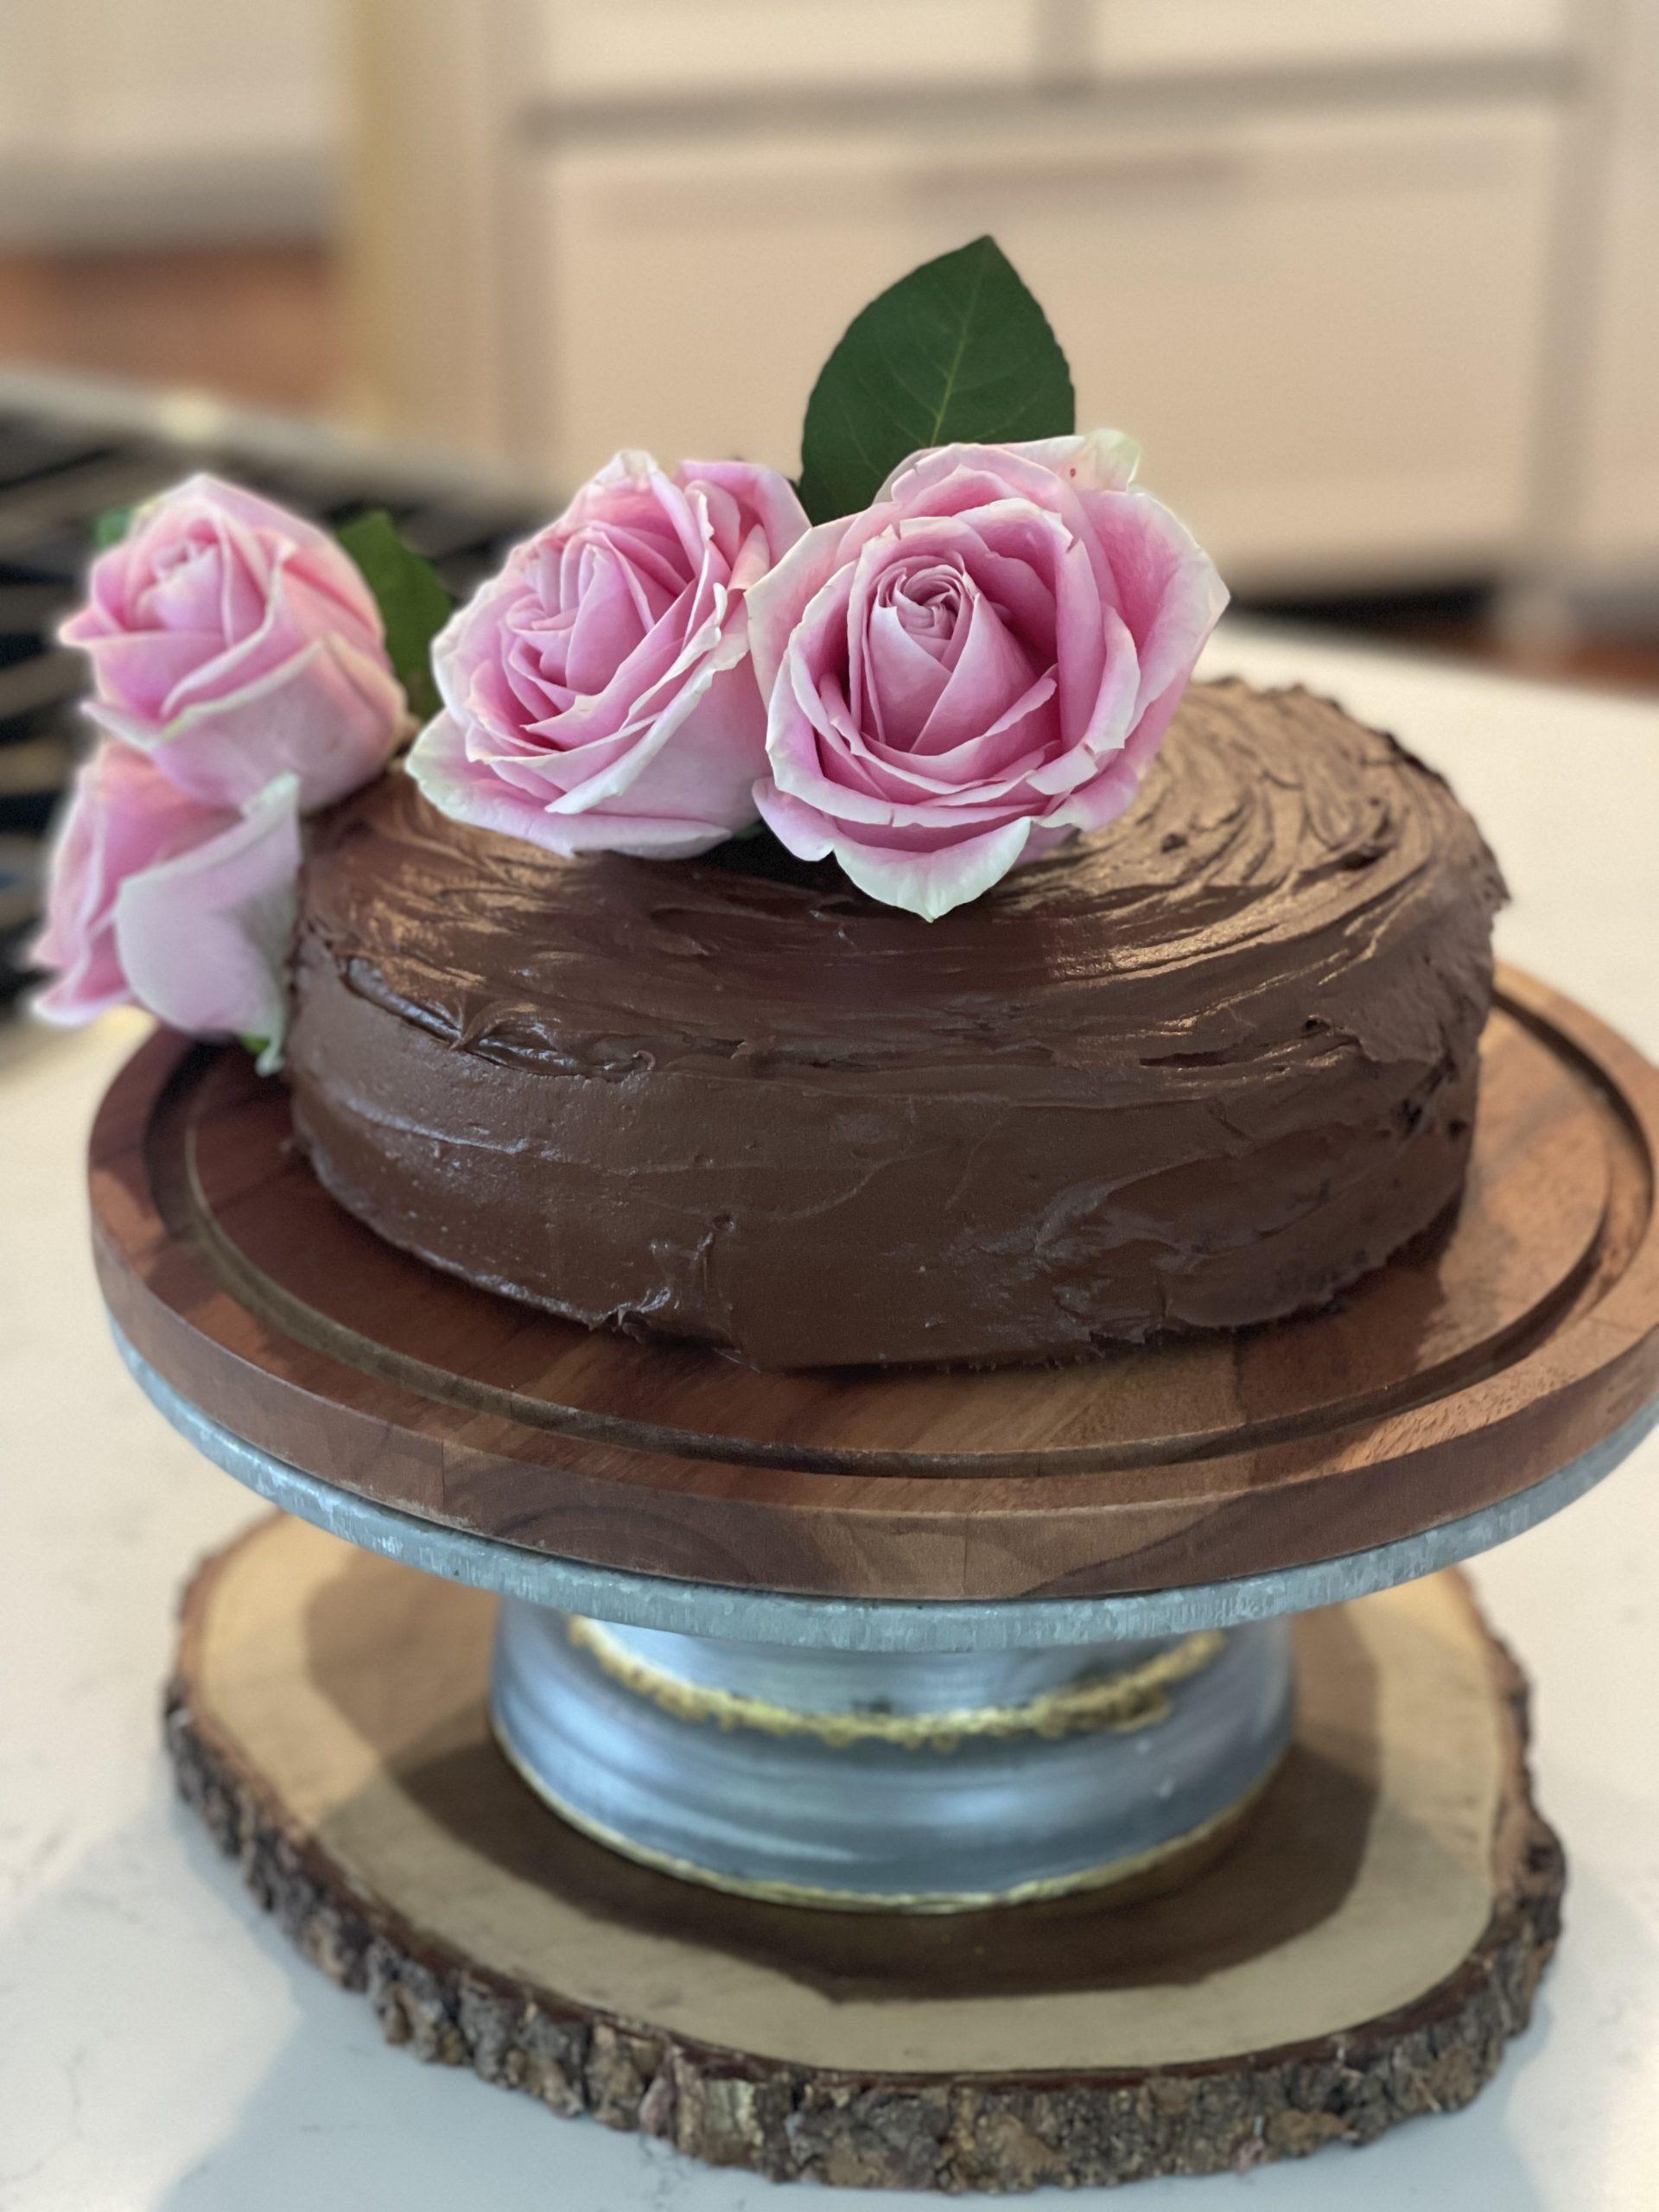 CHOCOLATE  CAKE - best ever vegan and gluten free cake